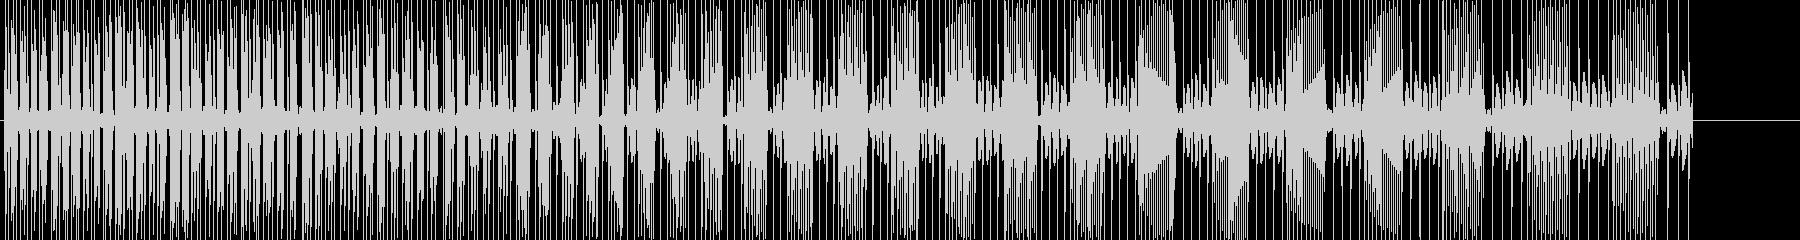 パワーダウンの音です。の未再生の波形